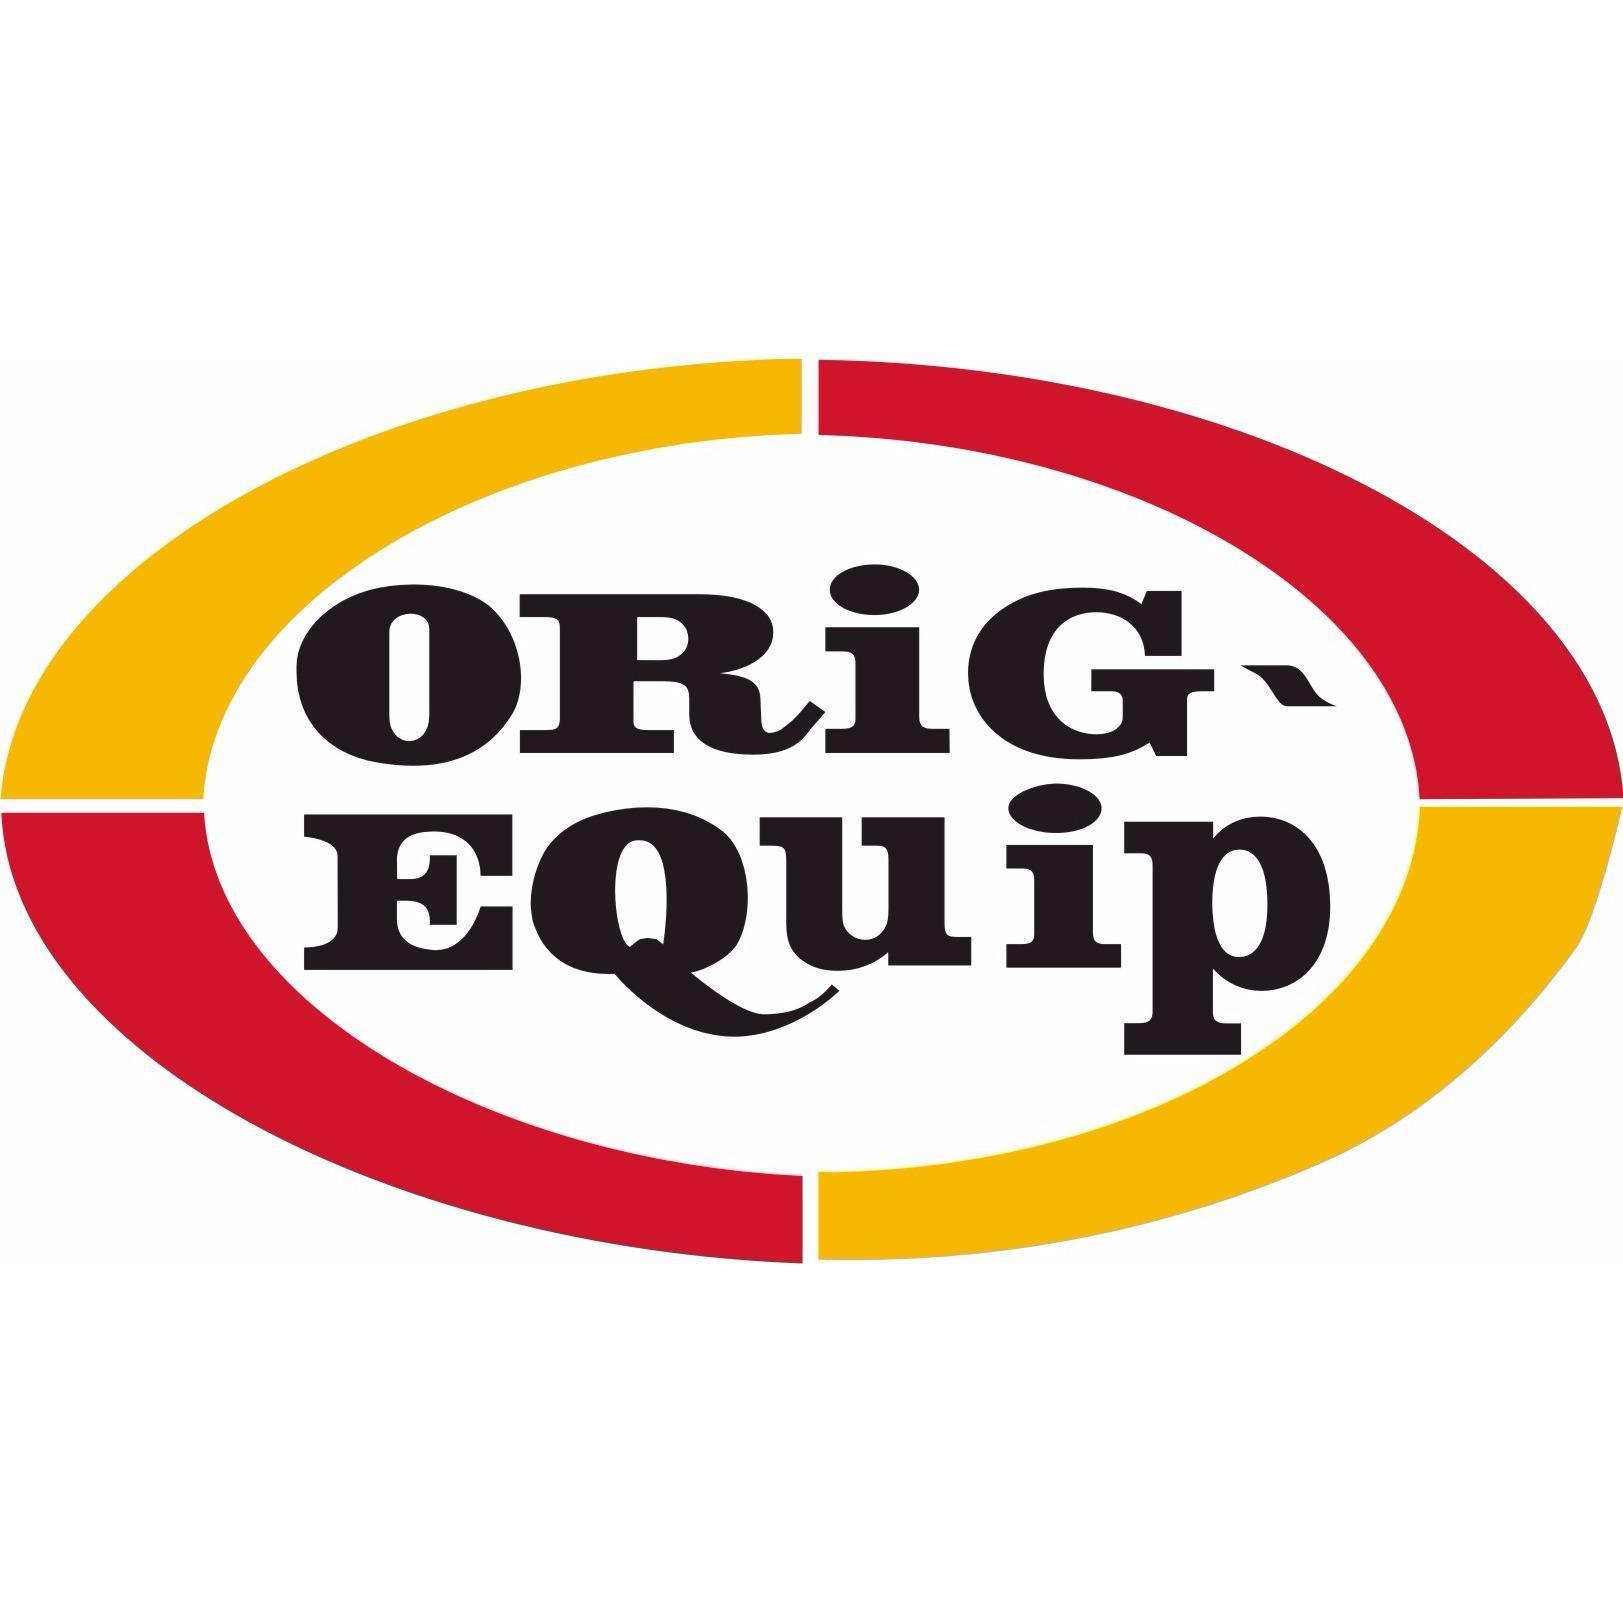 Orig-Equip Inc image 8